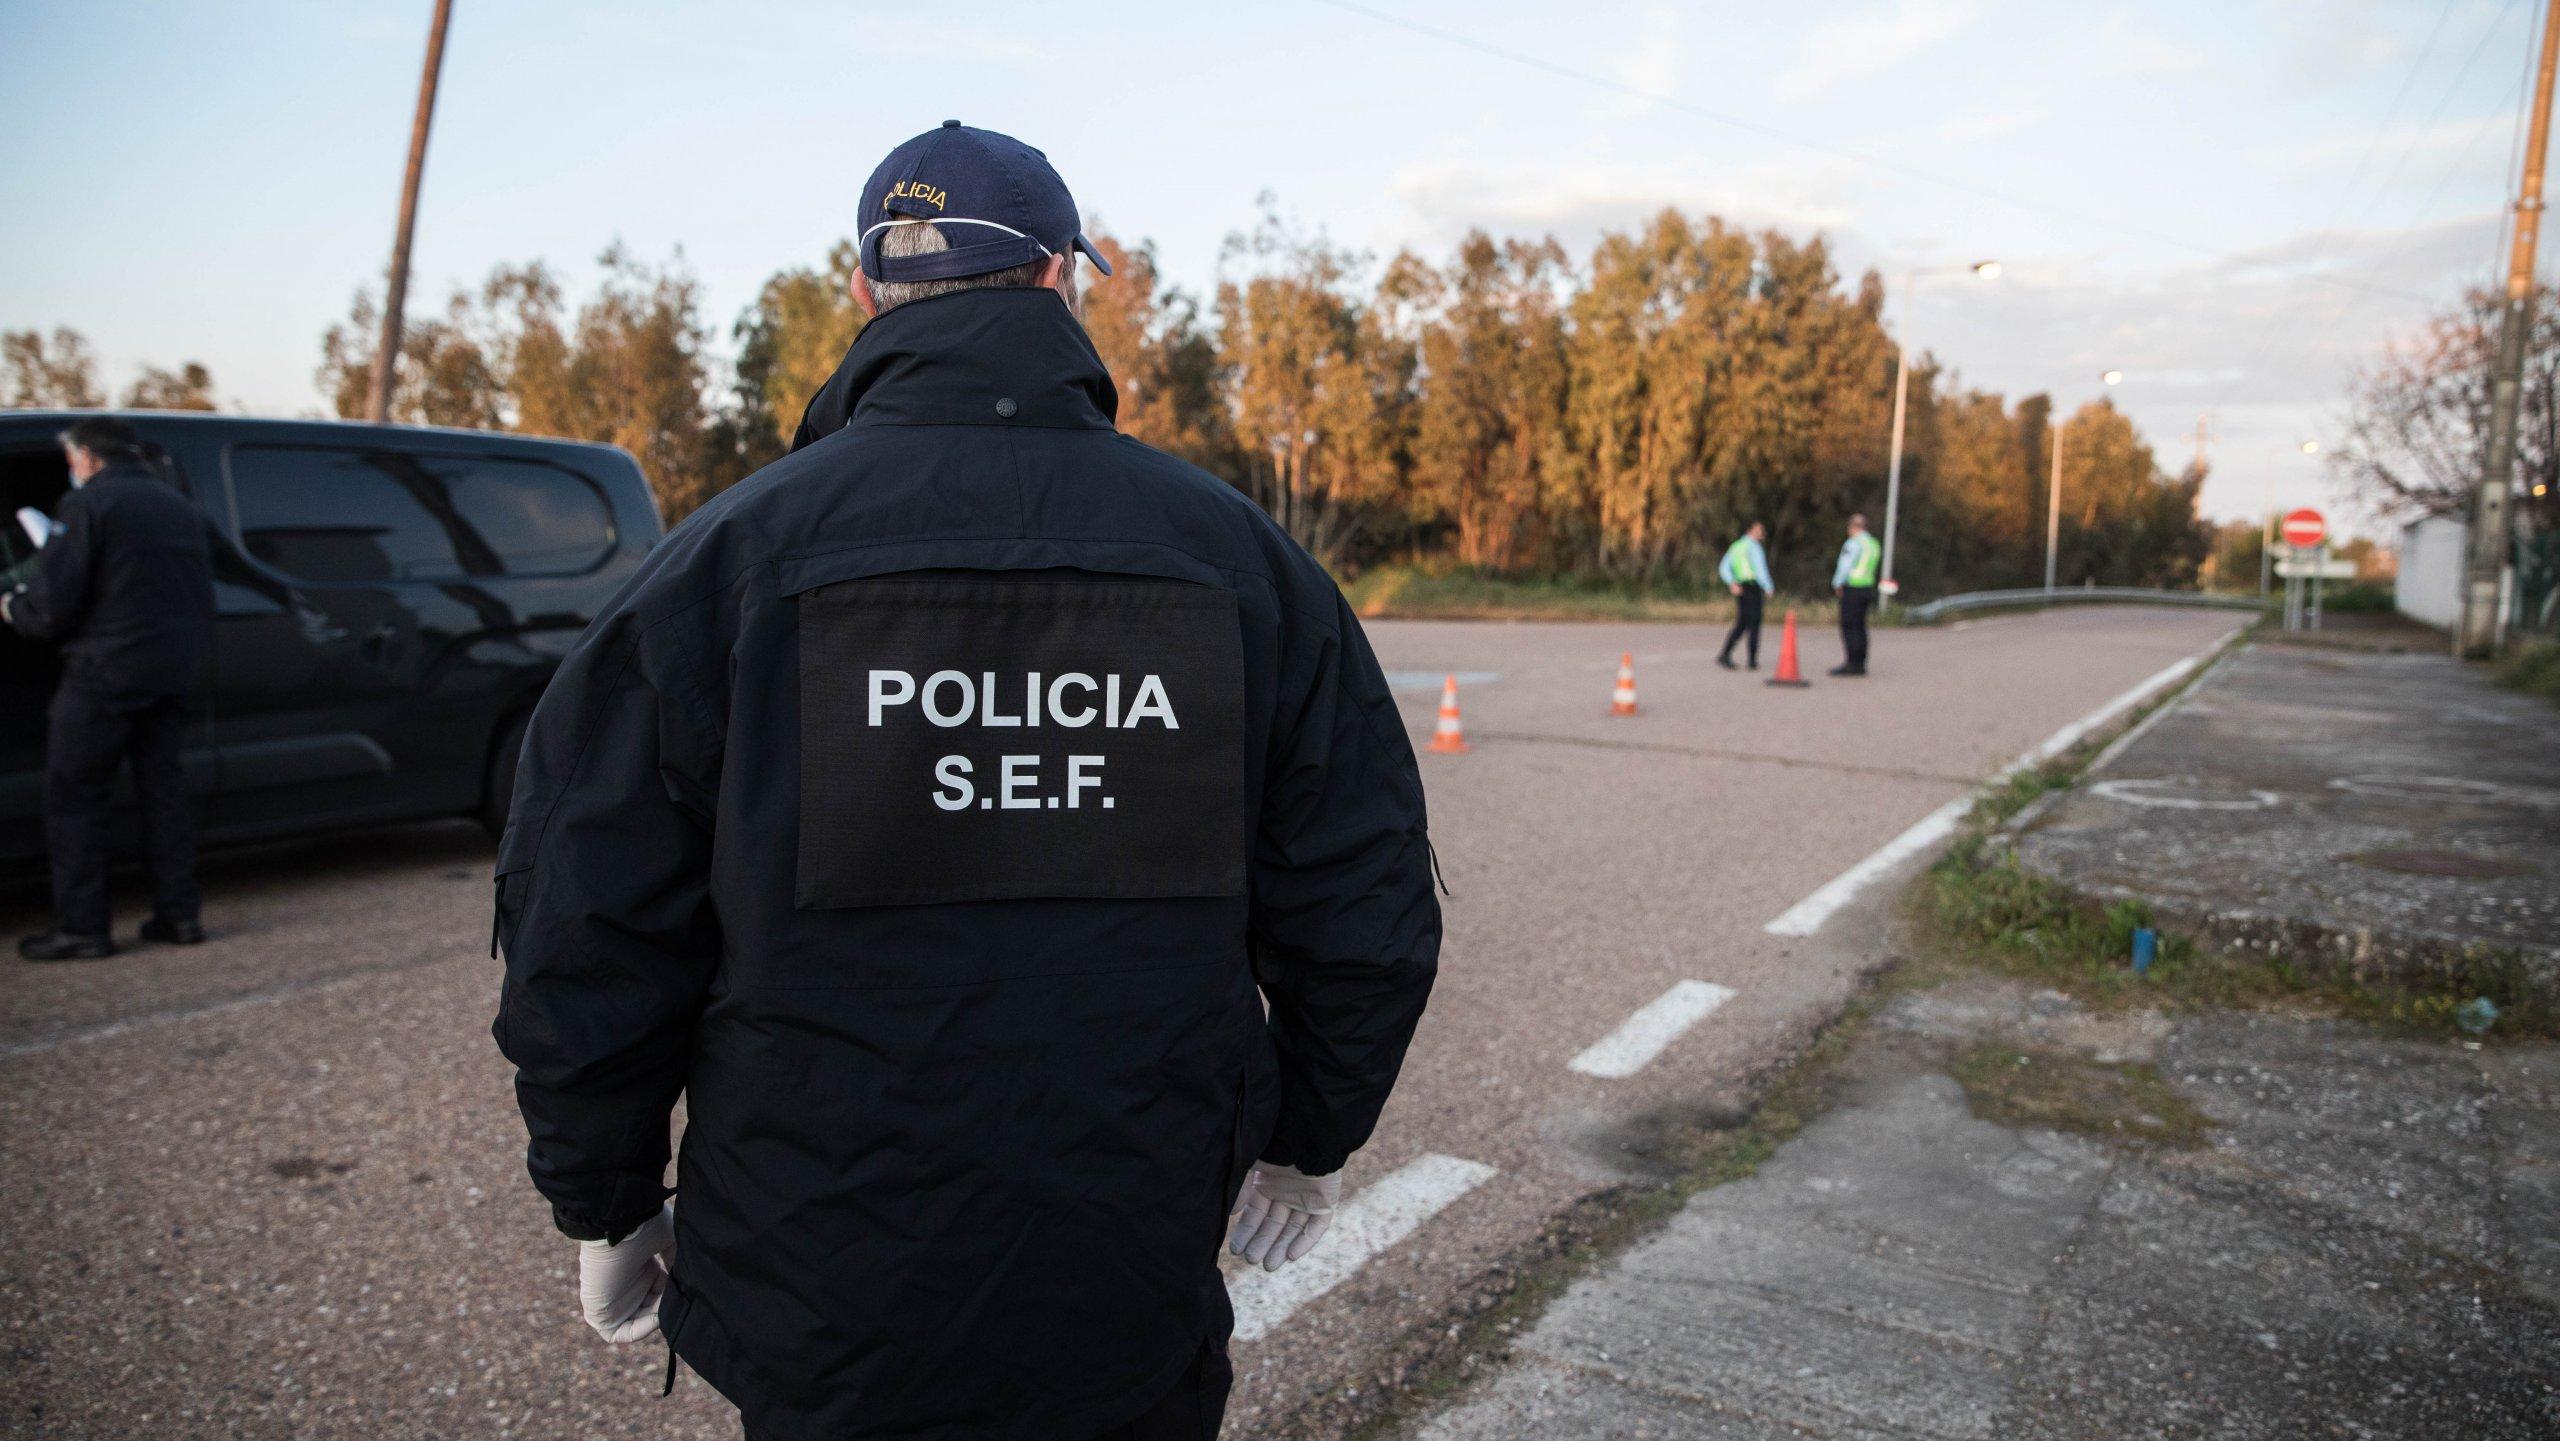 Polícia SEF